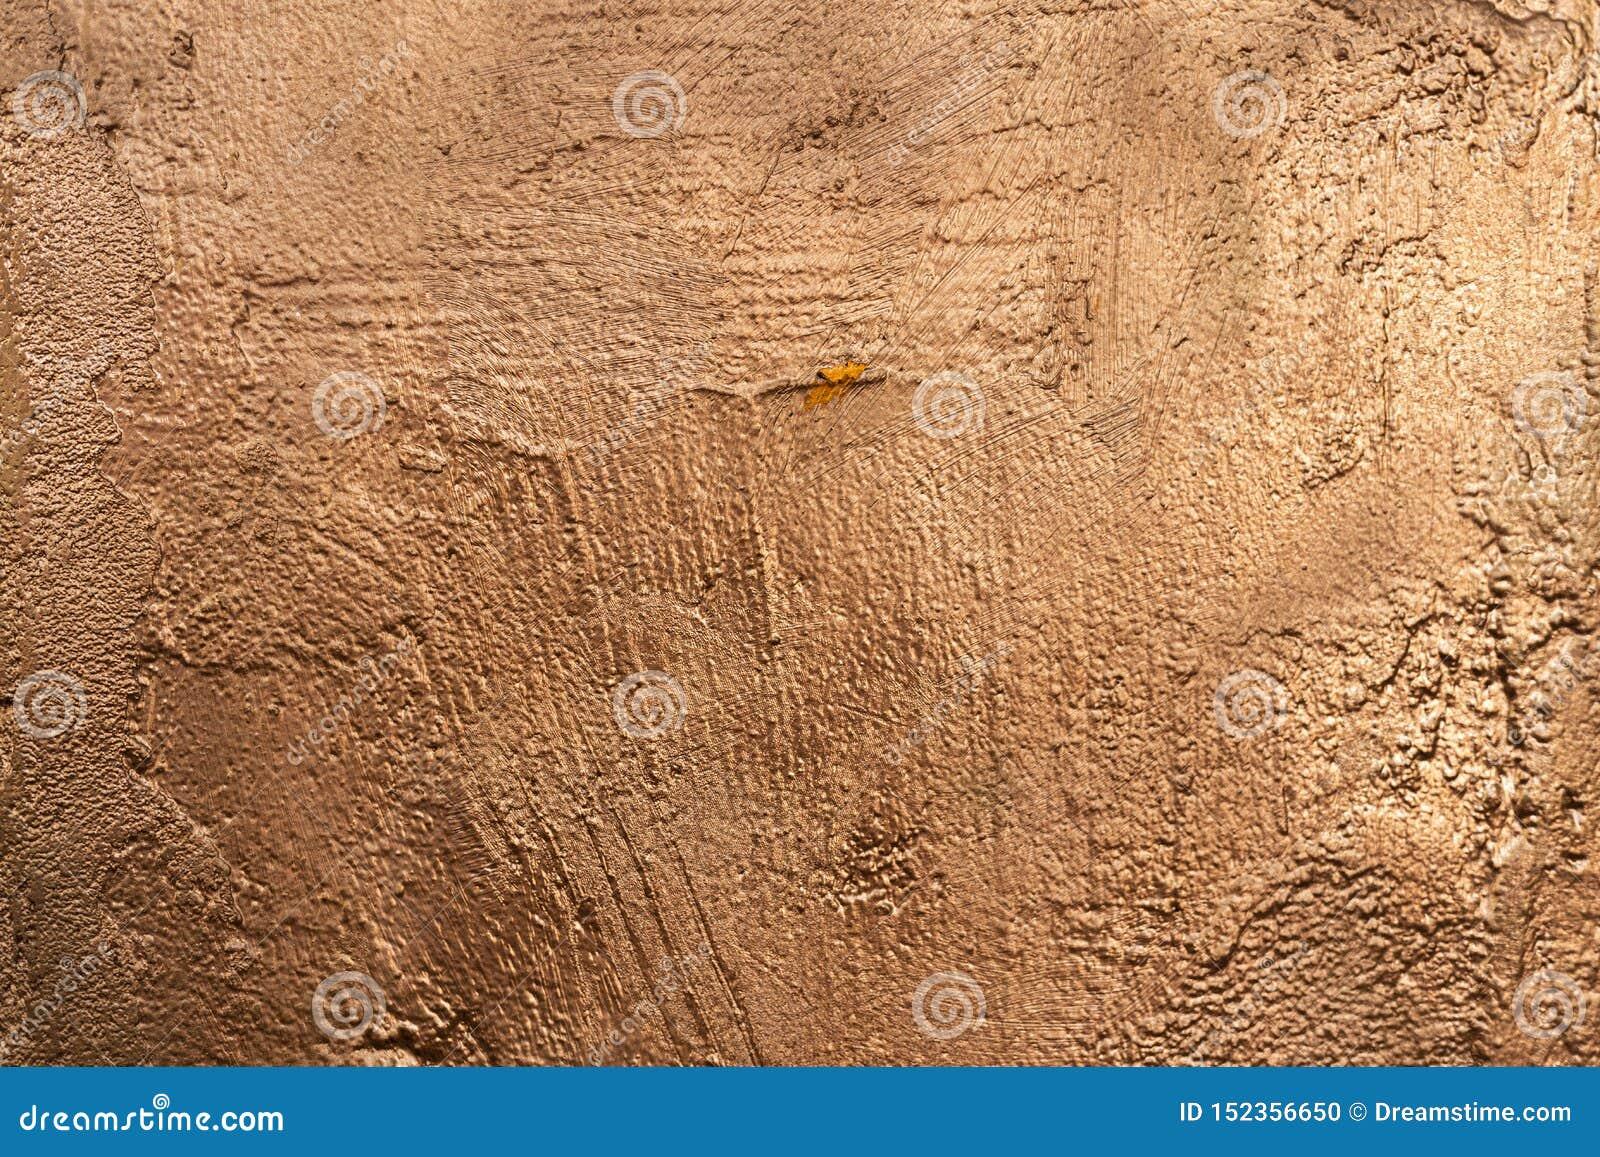 Textura pintada de piedra de cobre outside-1